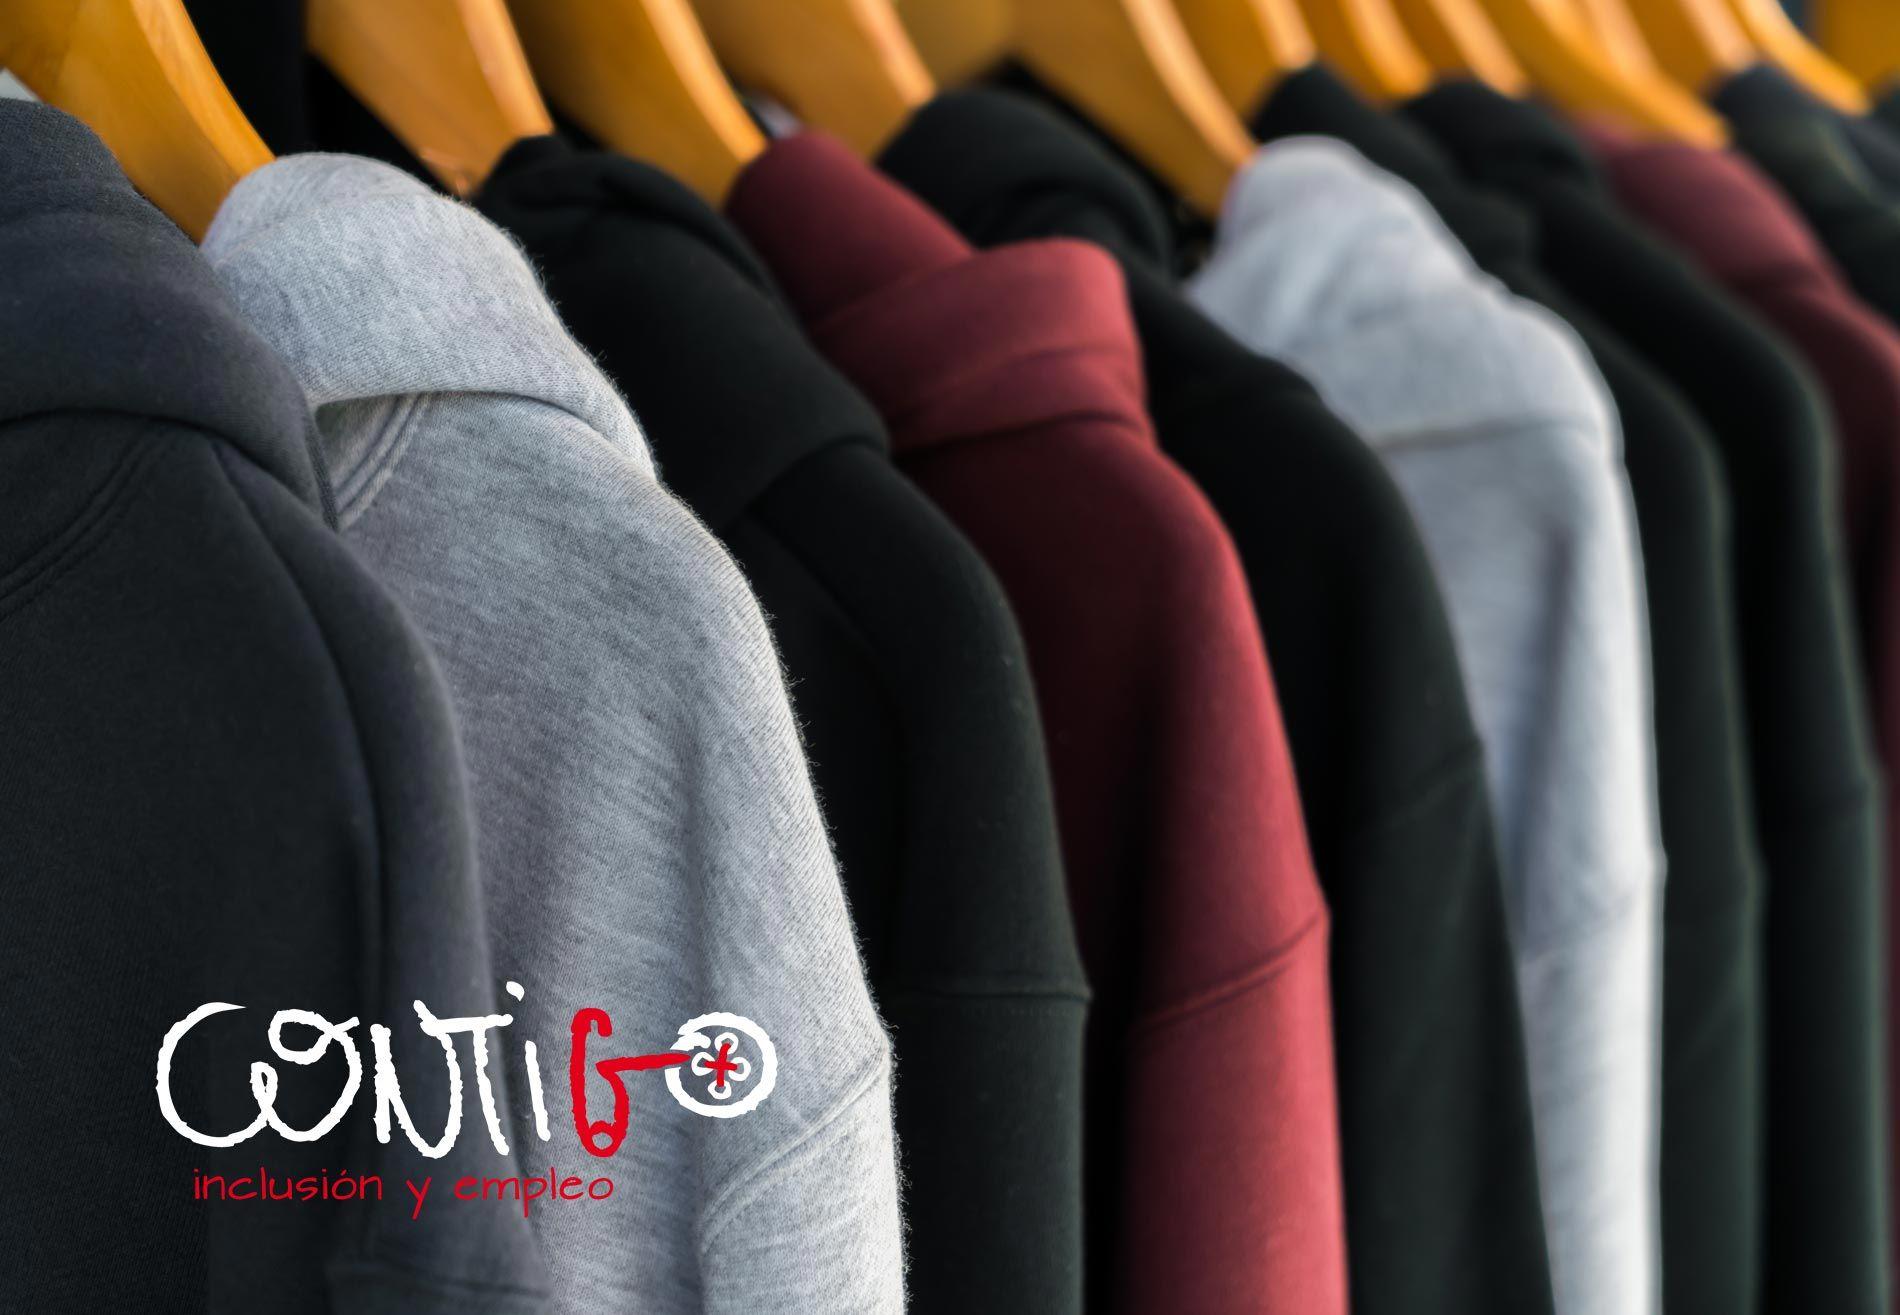 Tiendas Contigo estrena nueva web